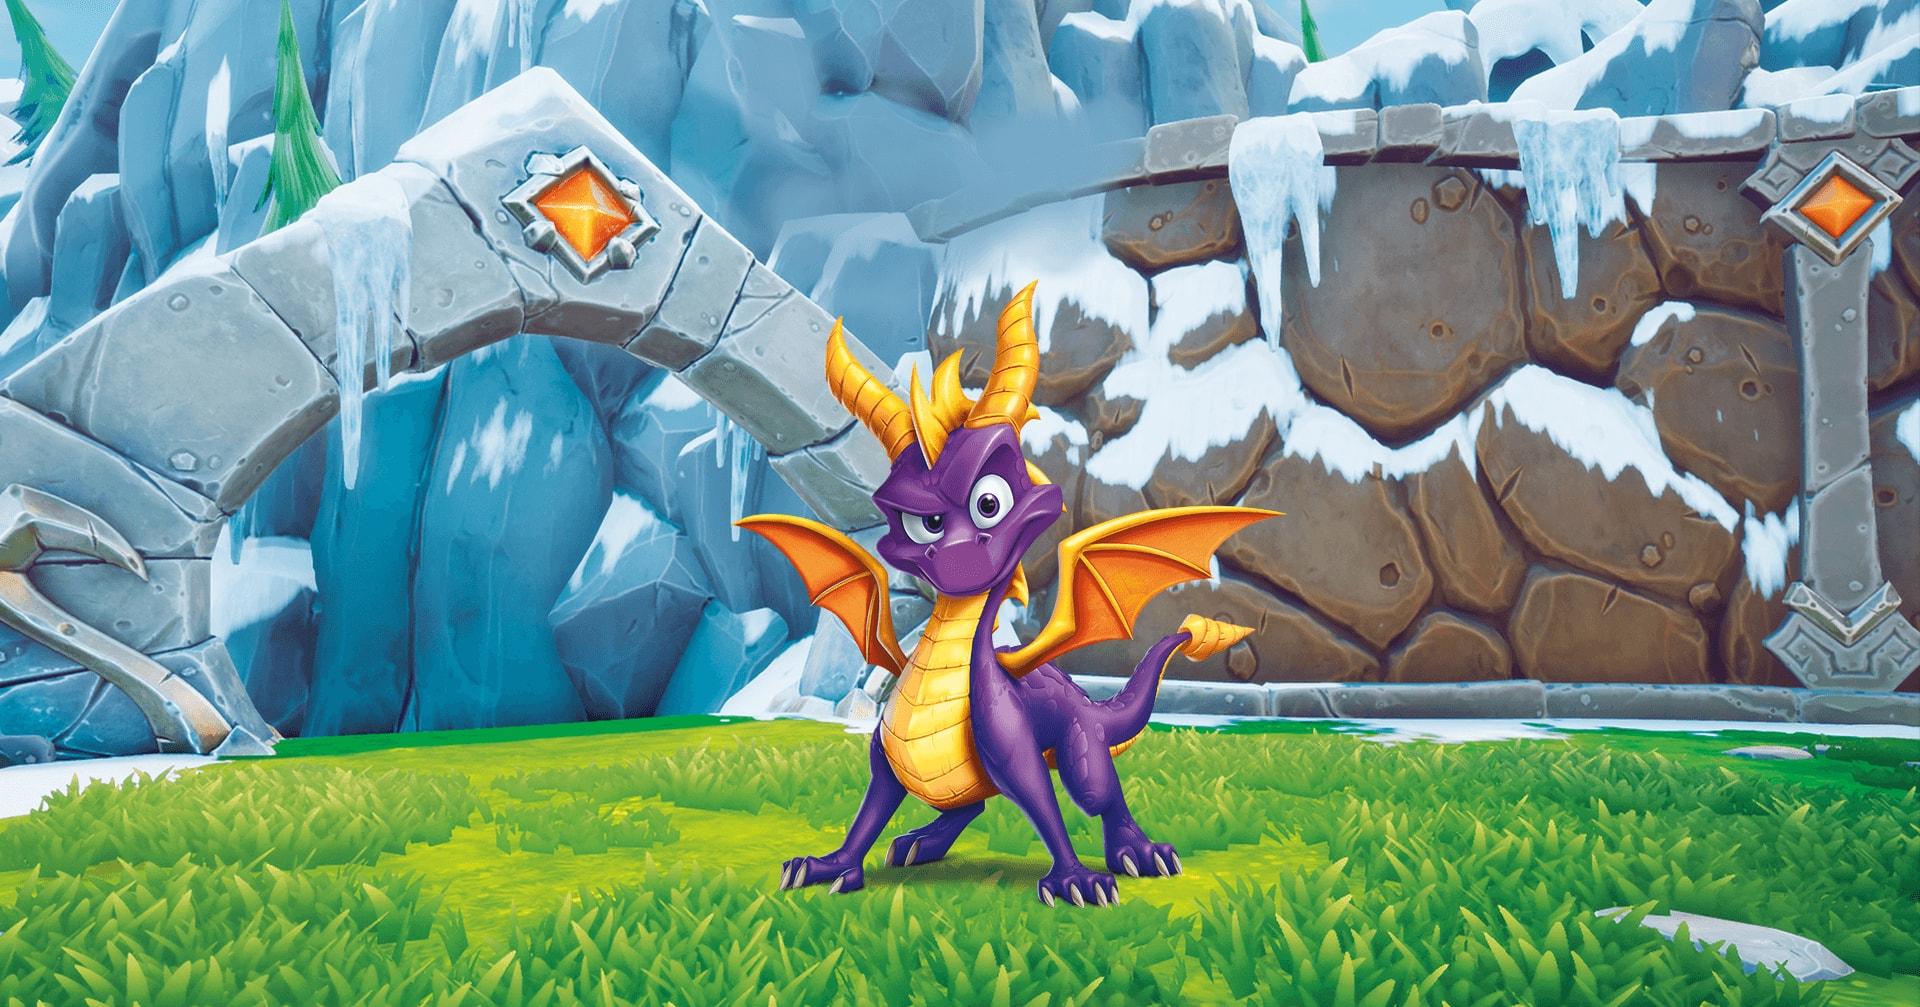 Spyro Reignited Trilogy - le dragon pourpre revient sur PS4 et Xbox One